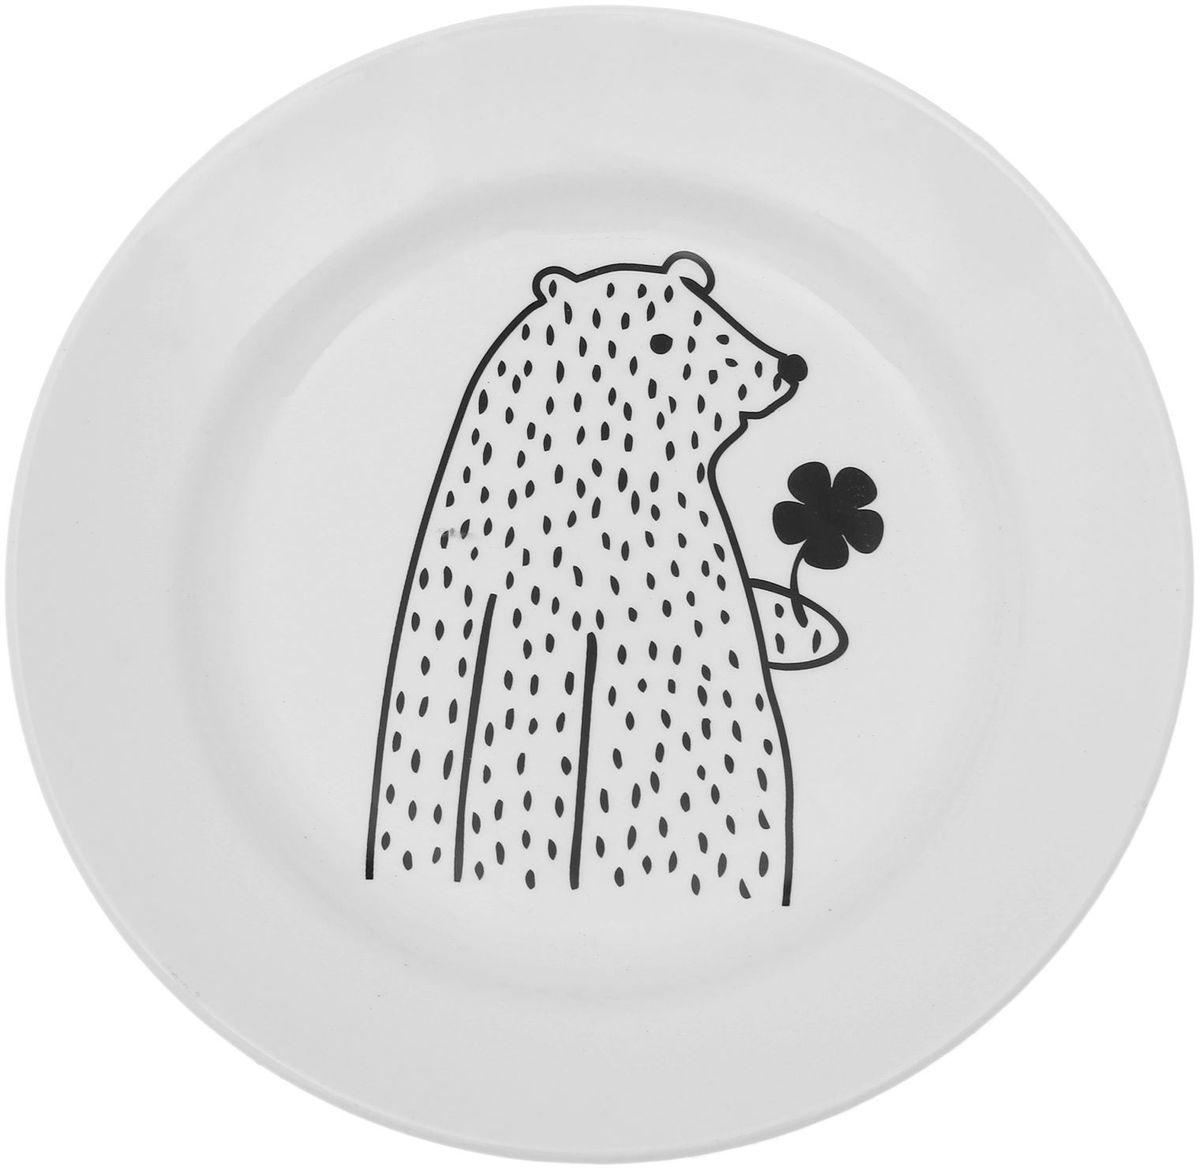 Тарелка мелкая Сотвори чудо Цветочный мишка, диаметр 20 см1661803Хотите обновить интерьер кухни или гостиной? Устраиваете необычную фотосессию или тематический праздник? А может, просто ищете подарок для близкого человека? Посуда « Сотвори Чудо» — правильный выбор в любой ситуации. Её достоинства: изящный фаянс нежного сливочного цвета; стойкость краски; пригодность для посудомоечных машин.